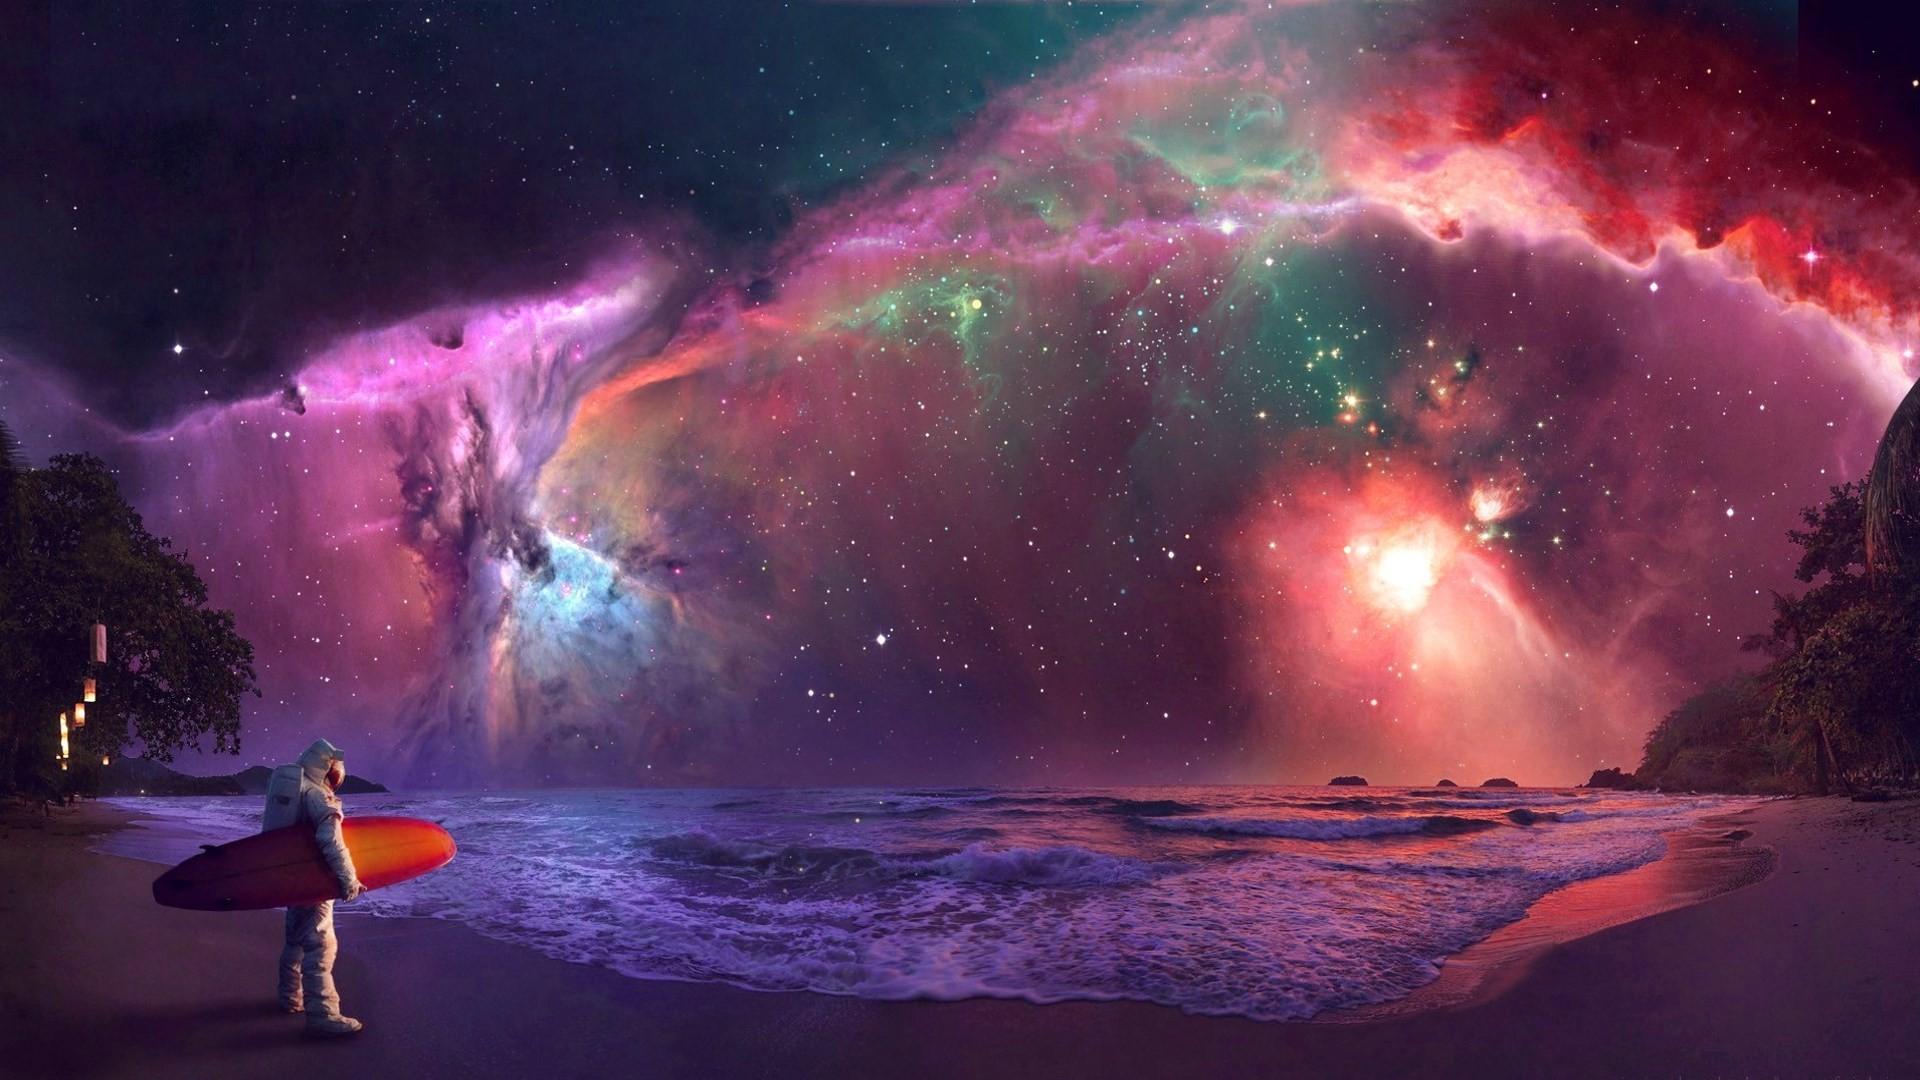 eagle nebula wallpaper hd